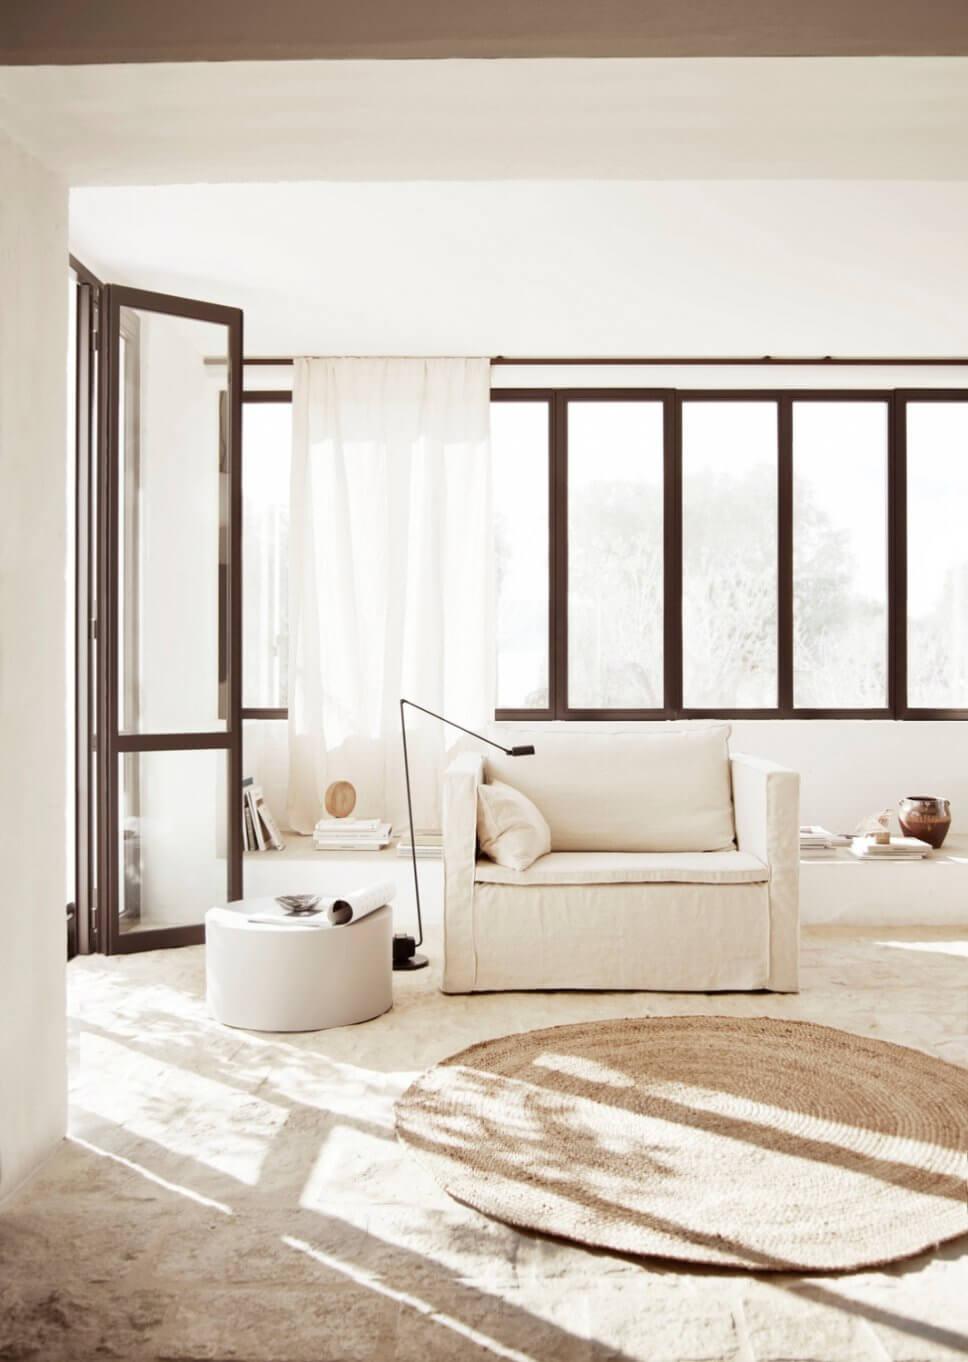 Modernes Wohnzimmer mit weißem Sessel in mediterranem Haus mit Steinboden